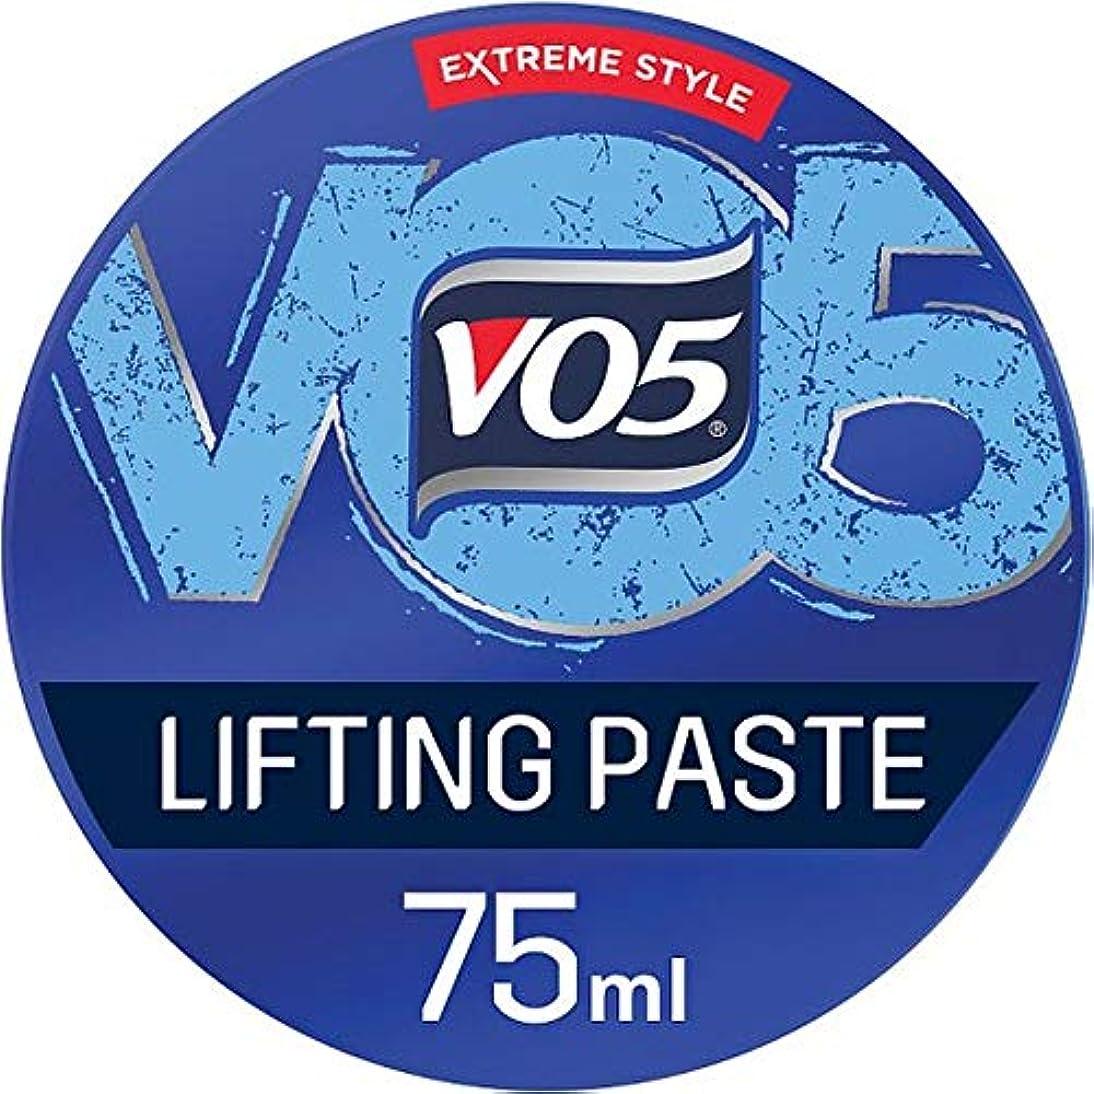 規定虫を数えるモディッシュ[Vo5] Vo5極端なスタイルペースト75ミリリットルを厚く - Vo5 Extreme Style Thicken Up Paste 75Ml [並行輸入品]